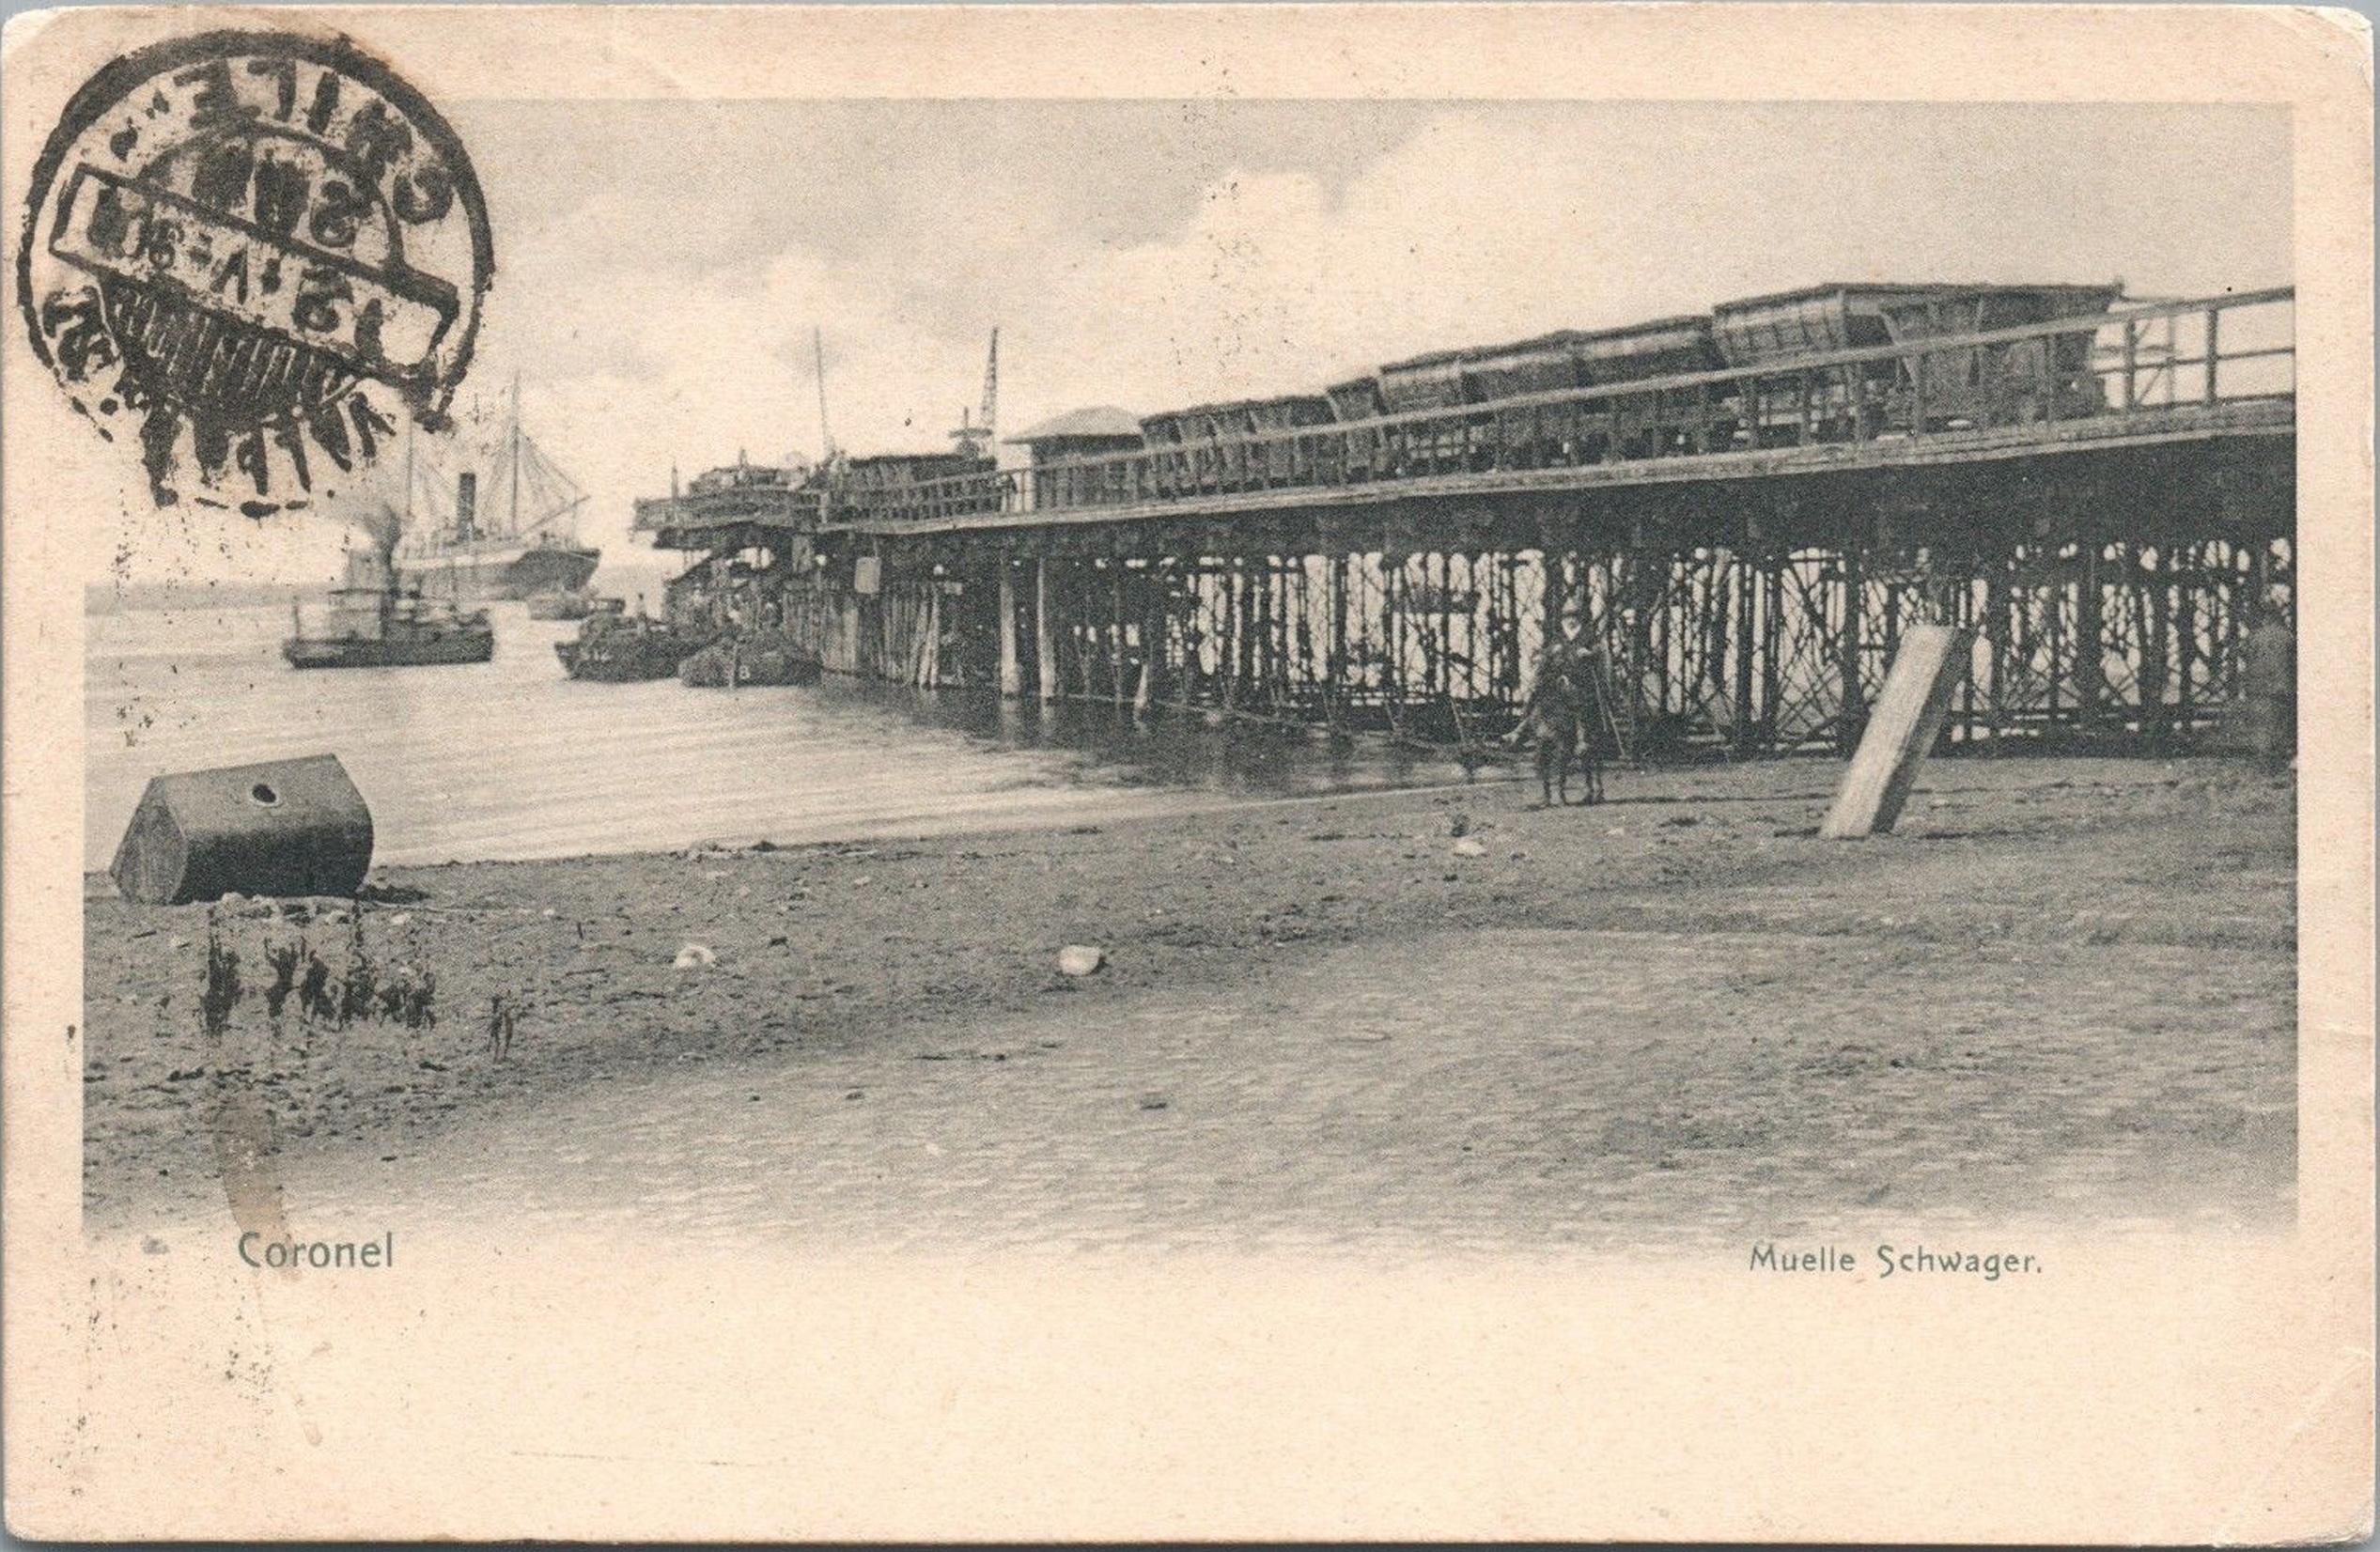 Enterreno - Fotos históricas de chile - fotos antiguas de Chile - Muelle del carbón en Coronel, 1908